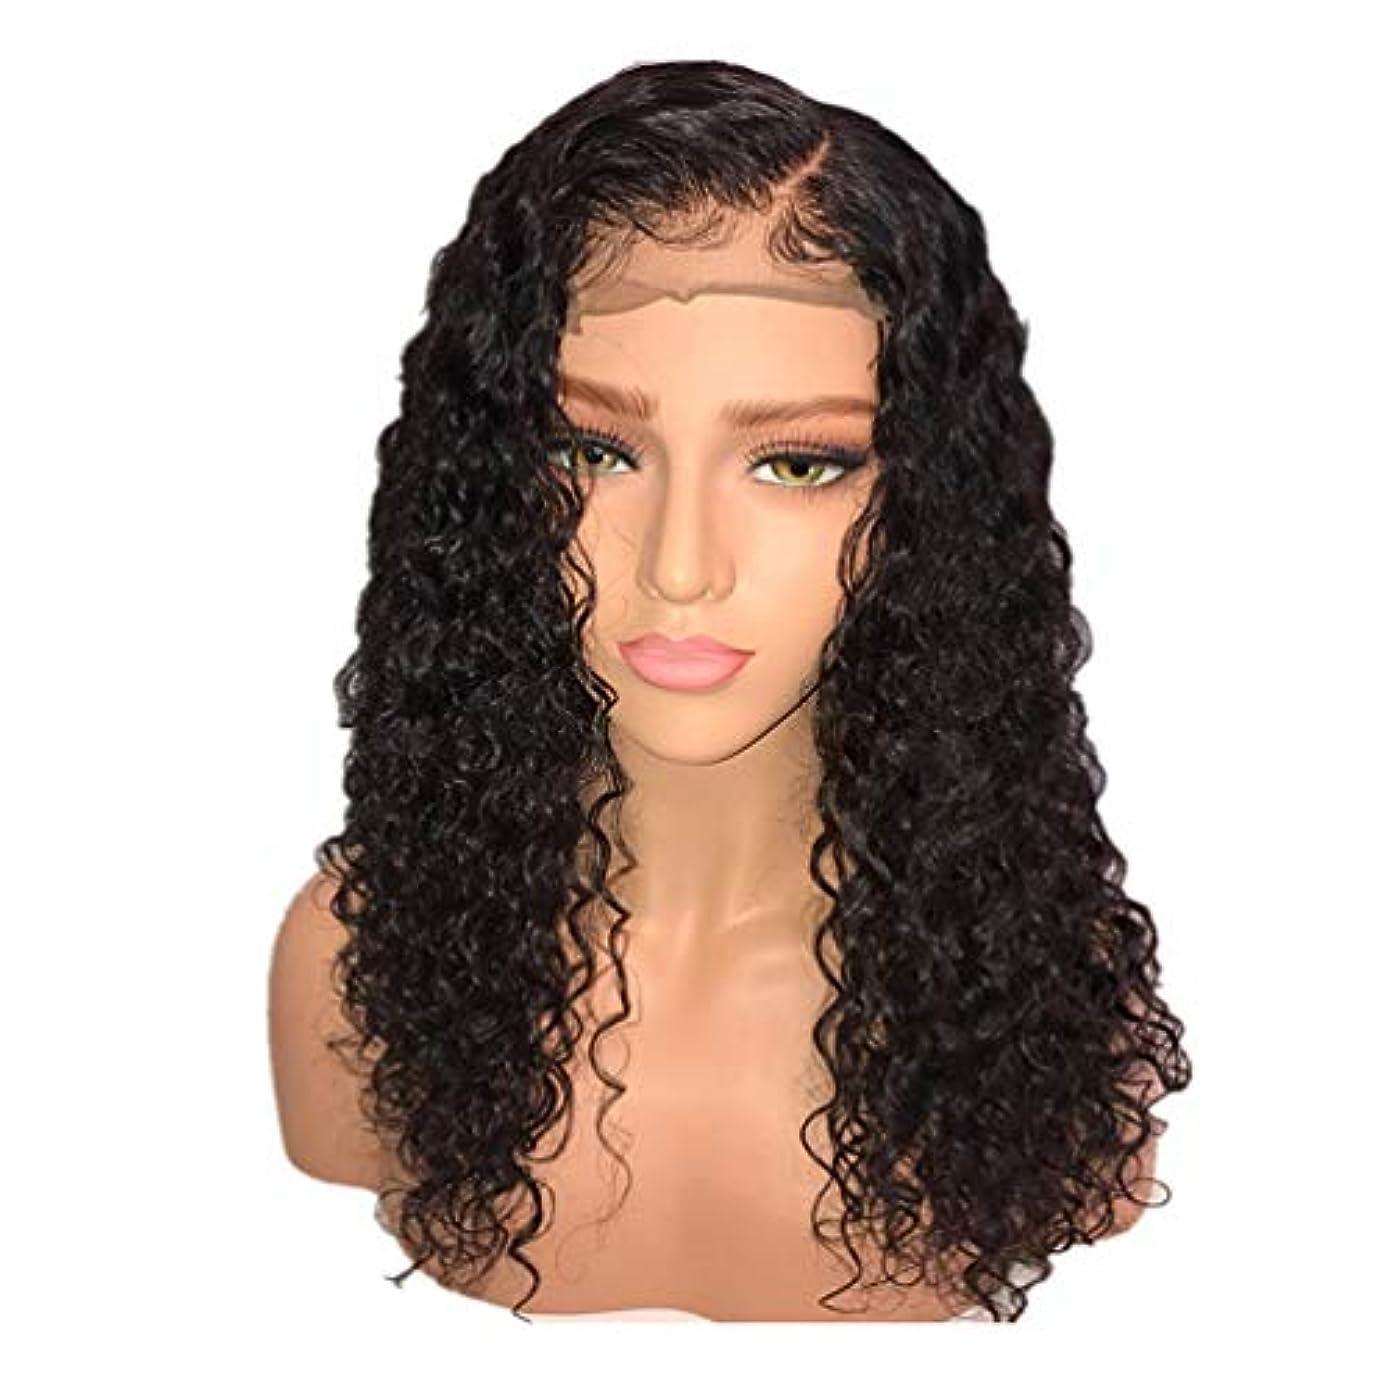 支払い危険を冒します朝かつら女性150%密度ブラジルロングヘアウィッグナチュラルウェーブカーリーレースフロントかつらベビーヘア付き